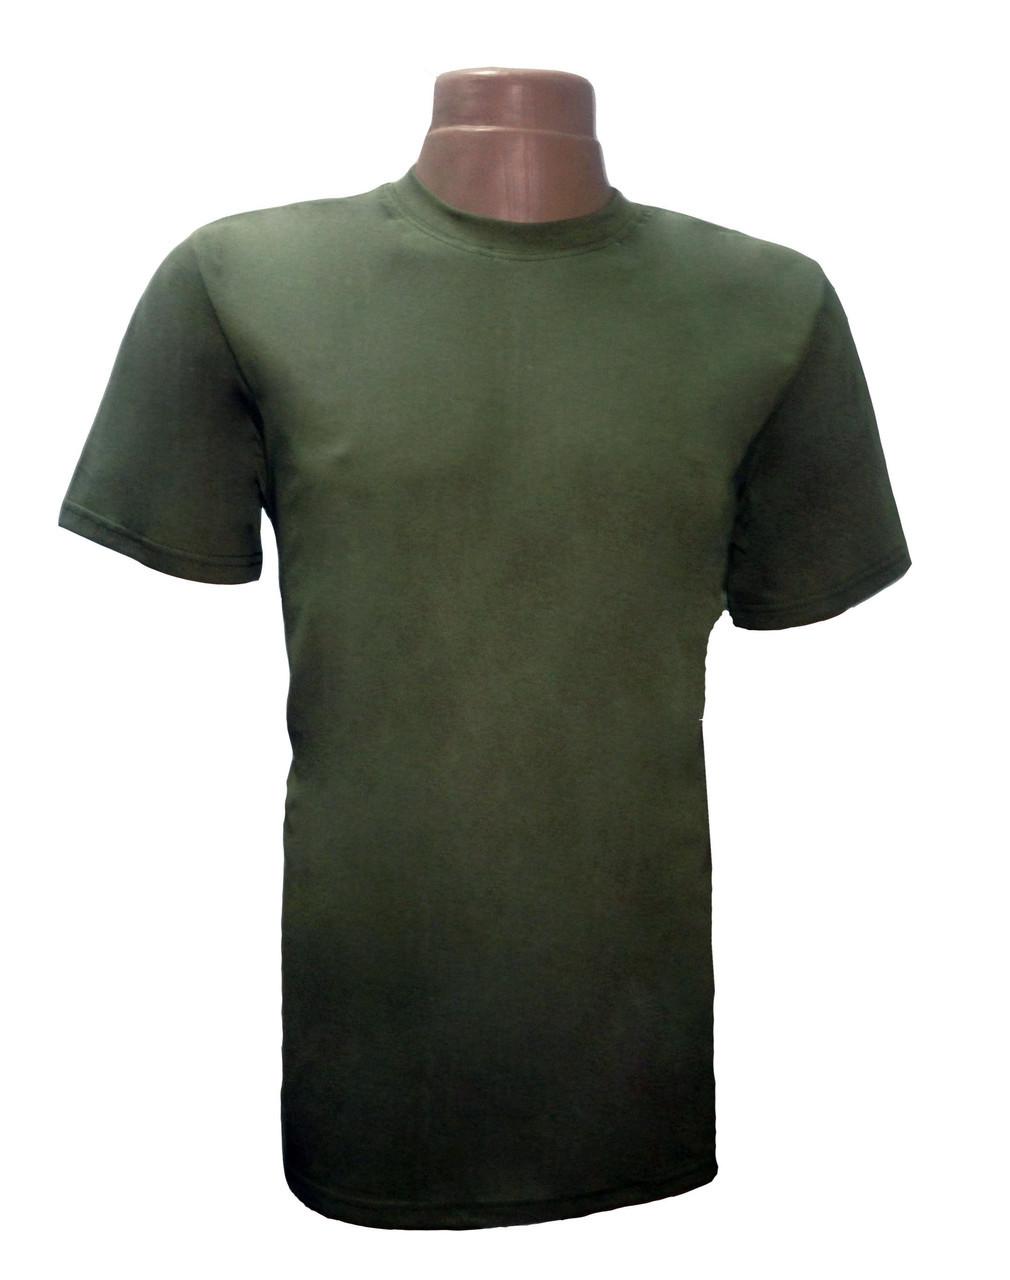 Одежда Трикотажная Больших Размеров